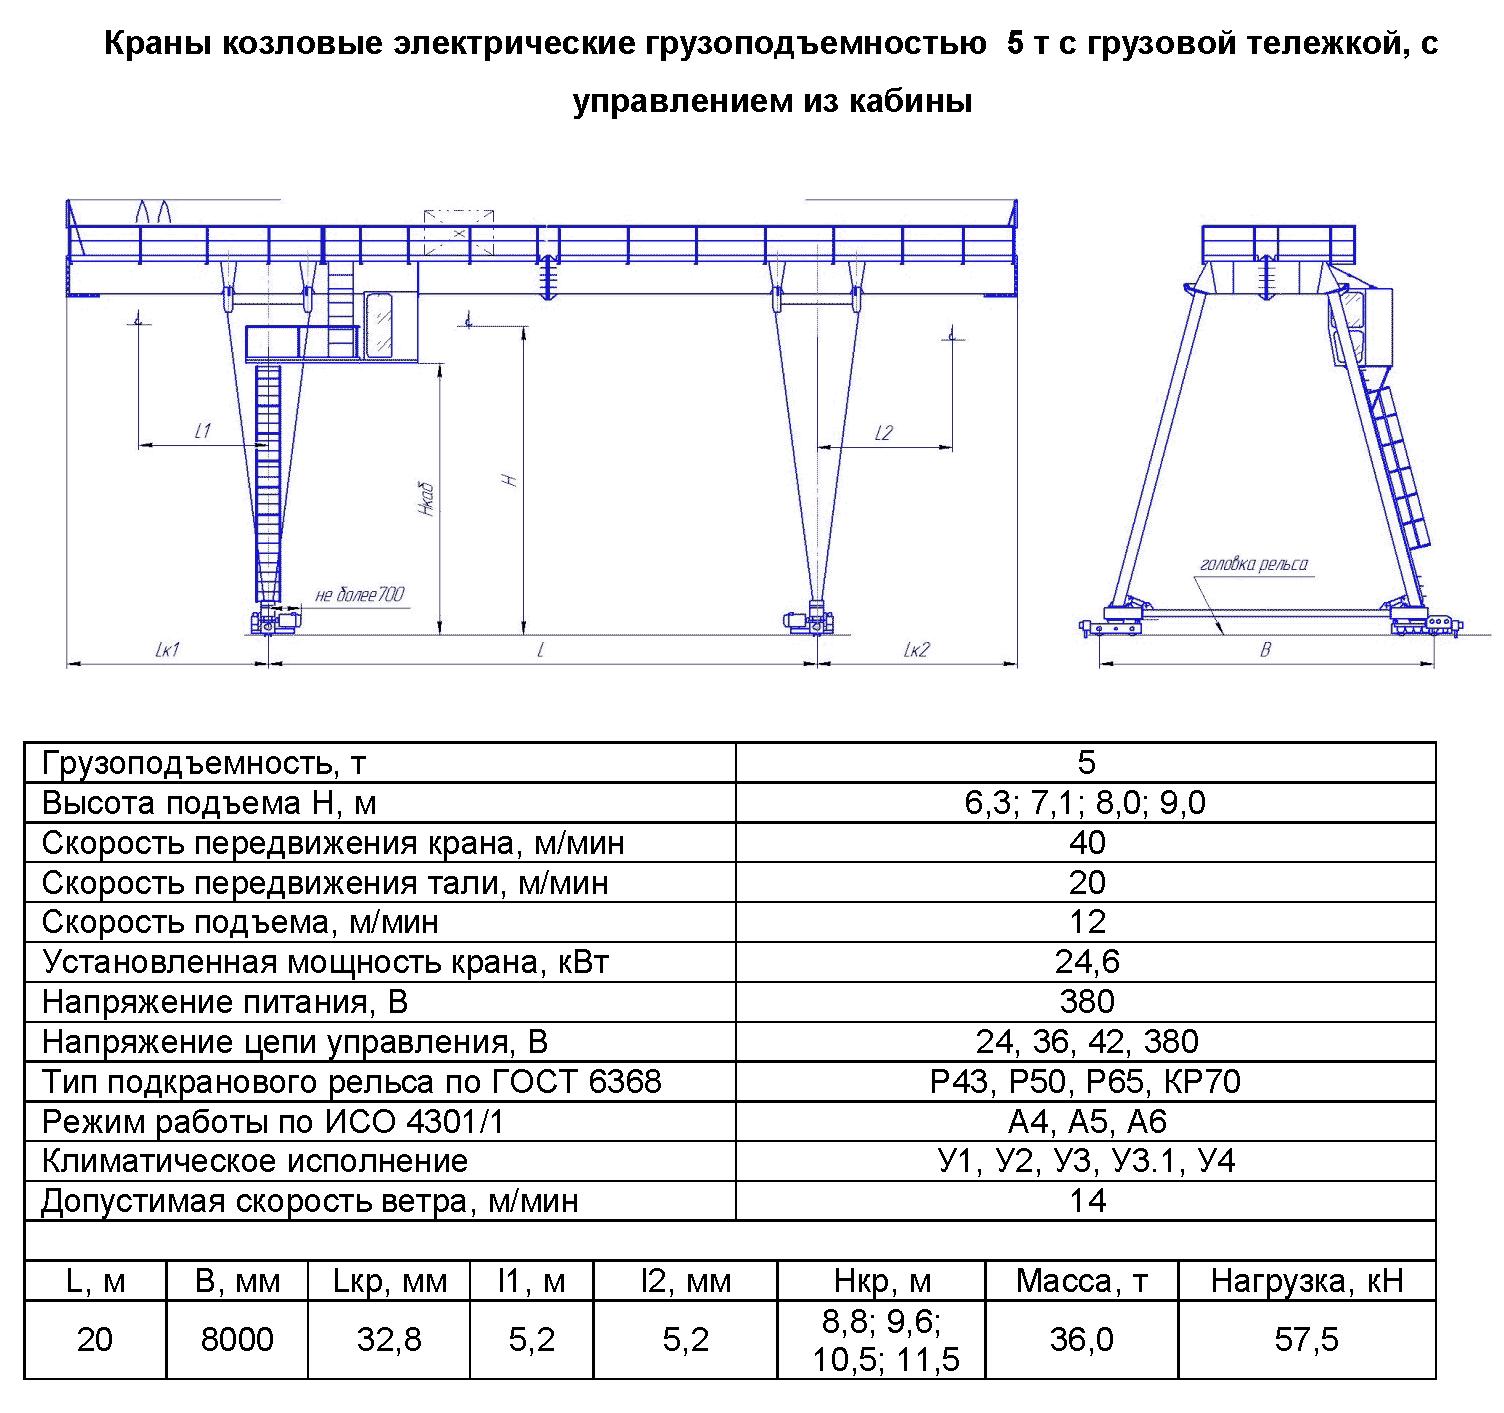 KKD 5 200 - Кран козловой электрический двухбалочный